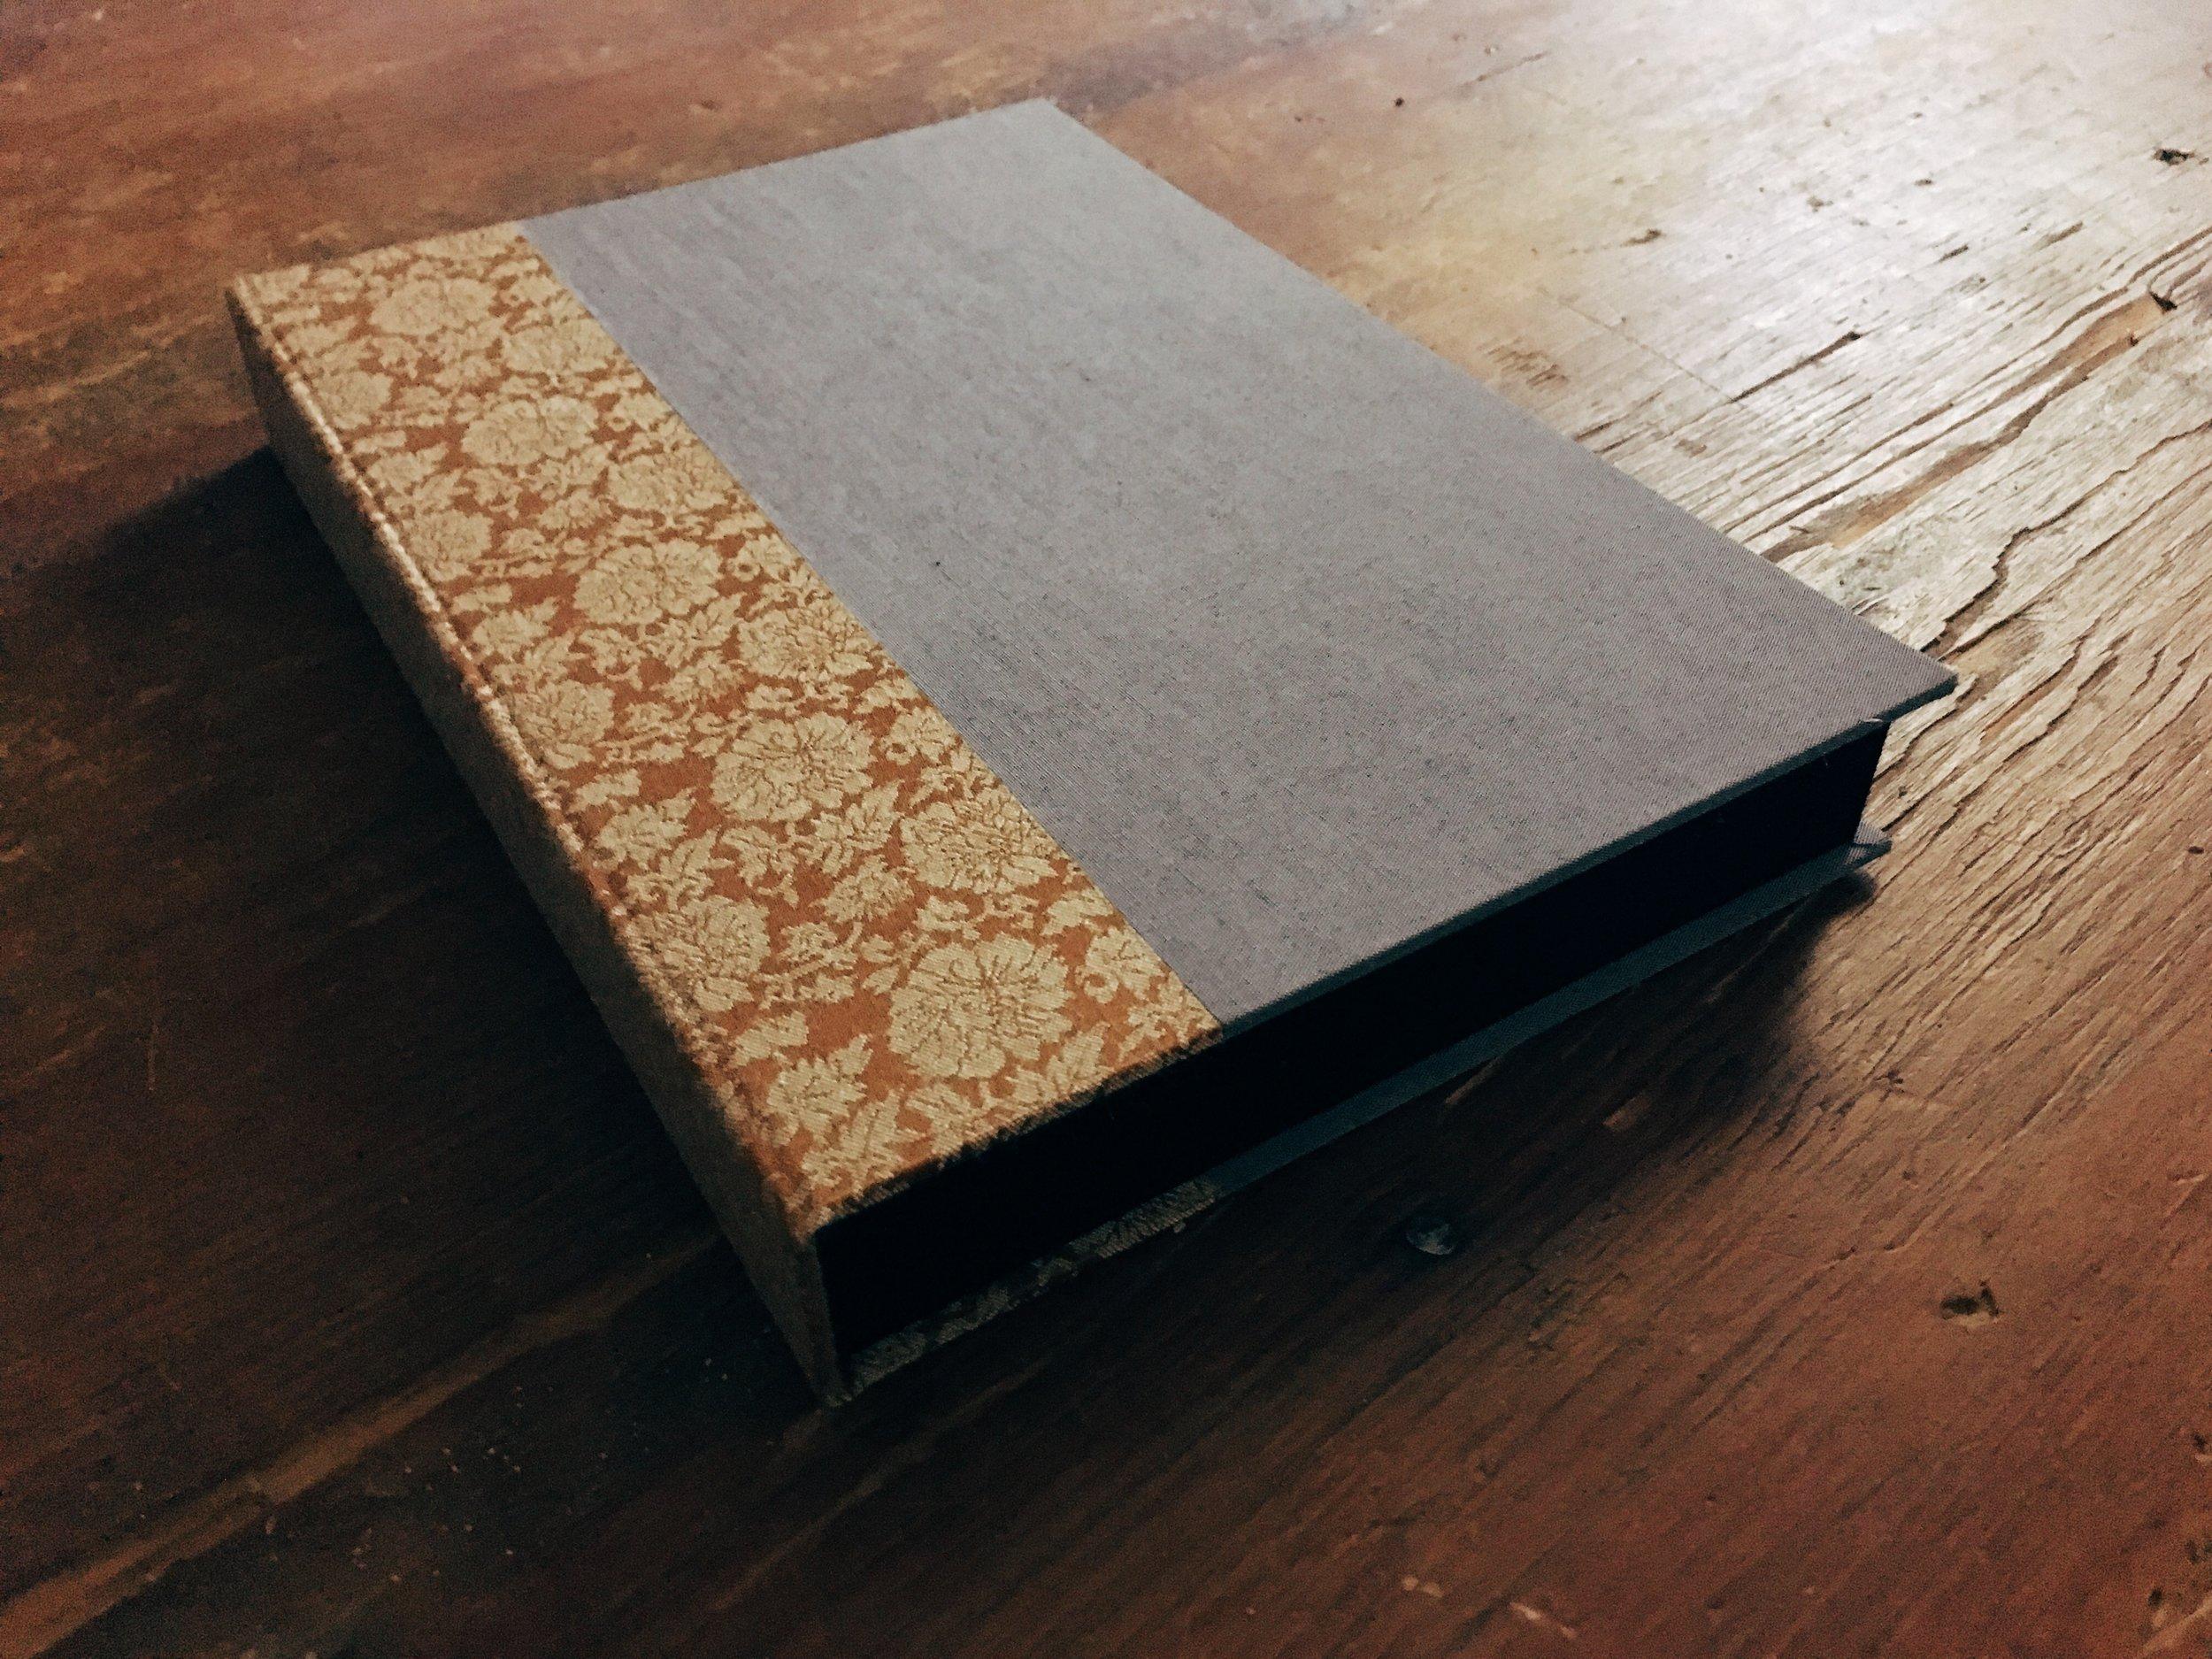 dski-design-custom-wedding-guest-book-1.jpg